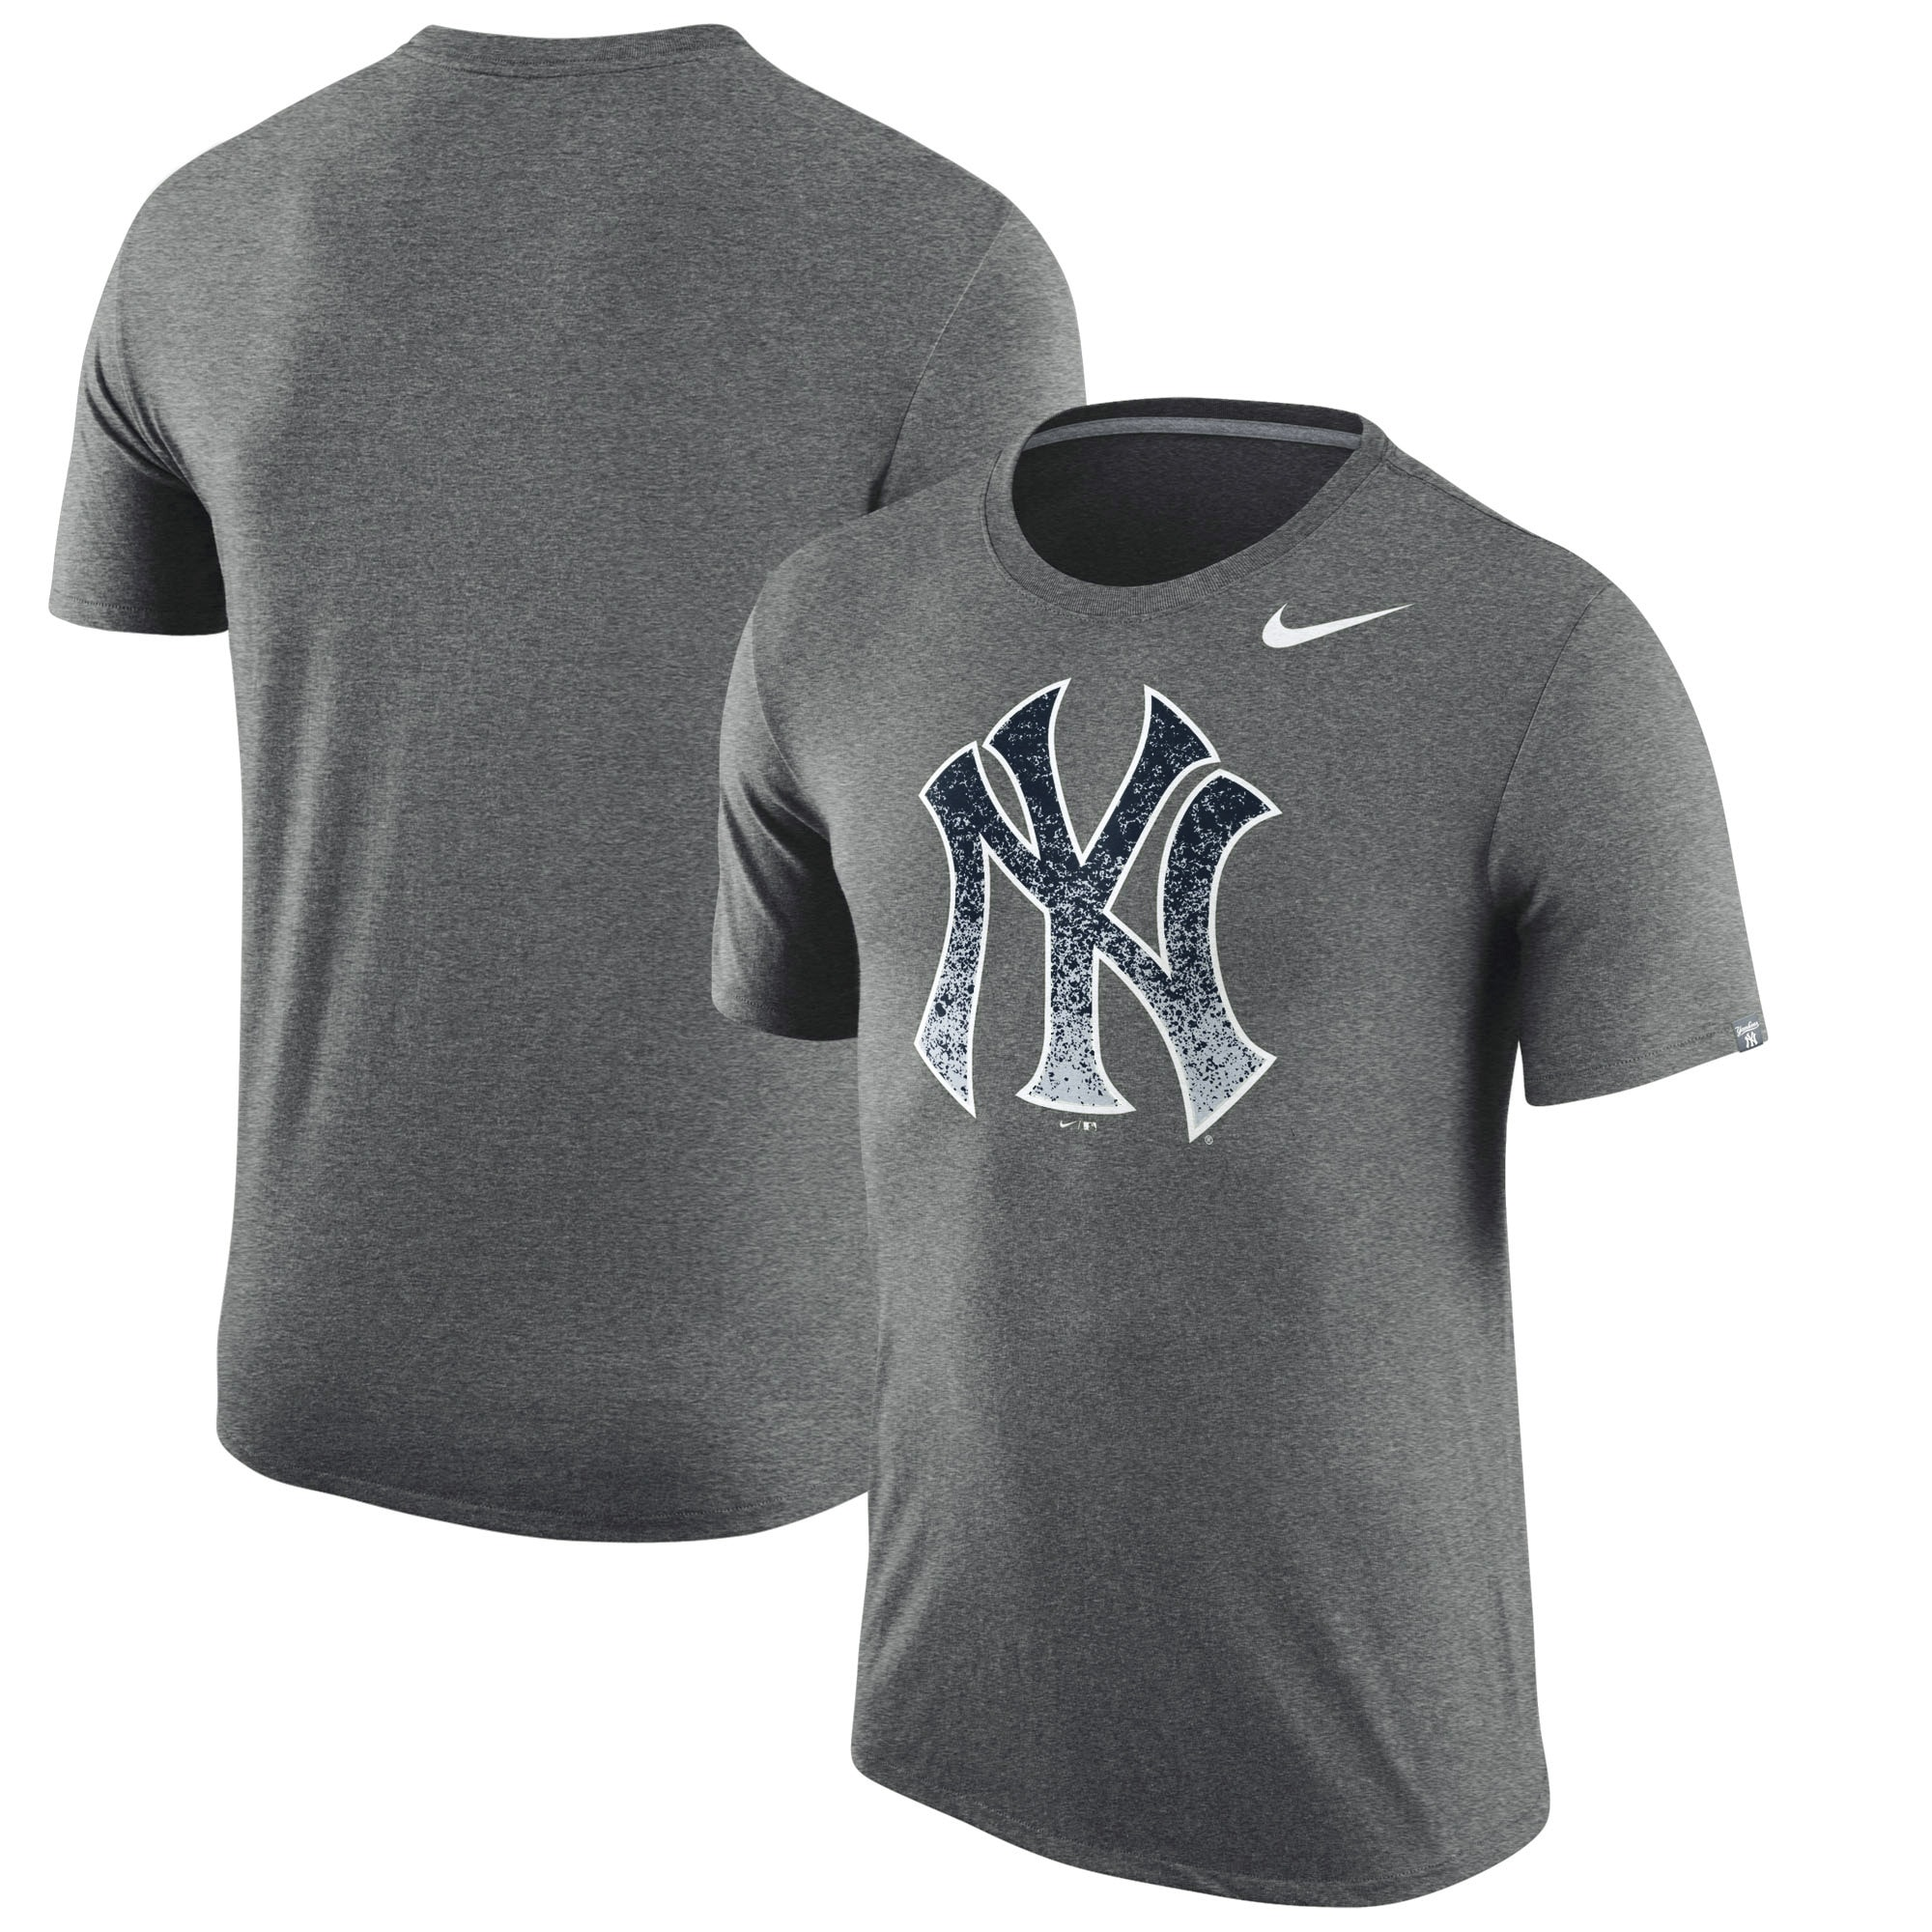 New York Yankees Nike Tri-Blend T-Shirt - Heathered Charcoal